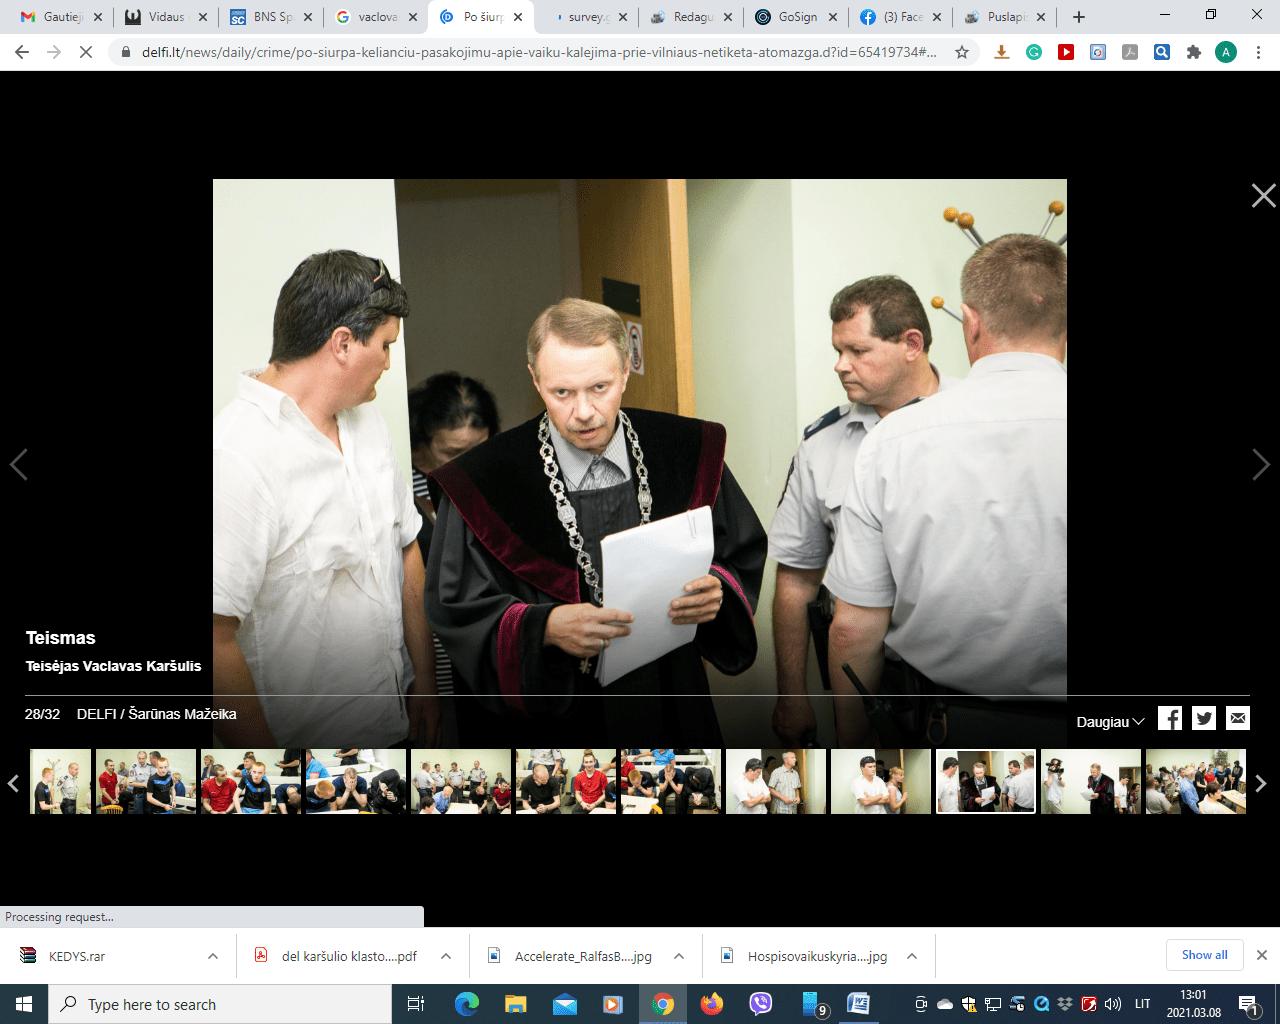 Drąsi teisėjo Vaclavo Karšulio nutartis pagaliau legalizavo pedofiliją Lietuvoje